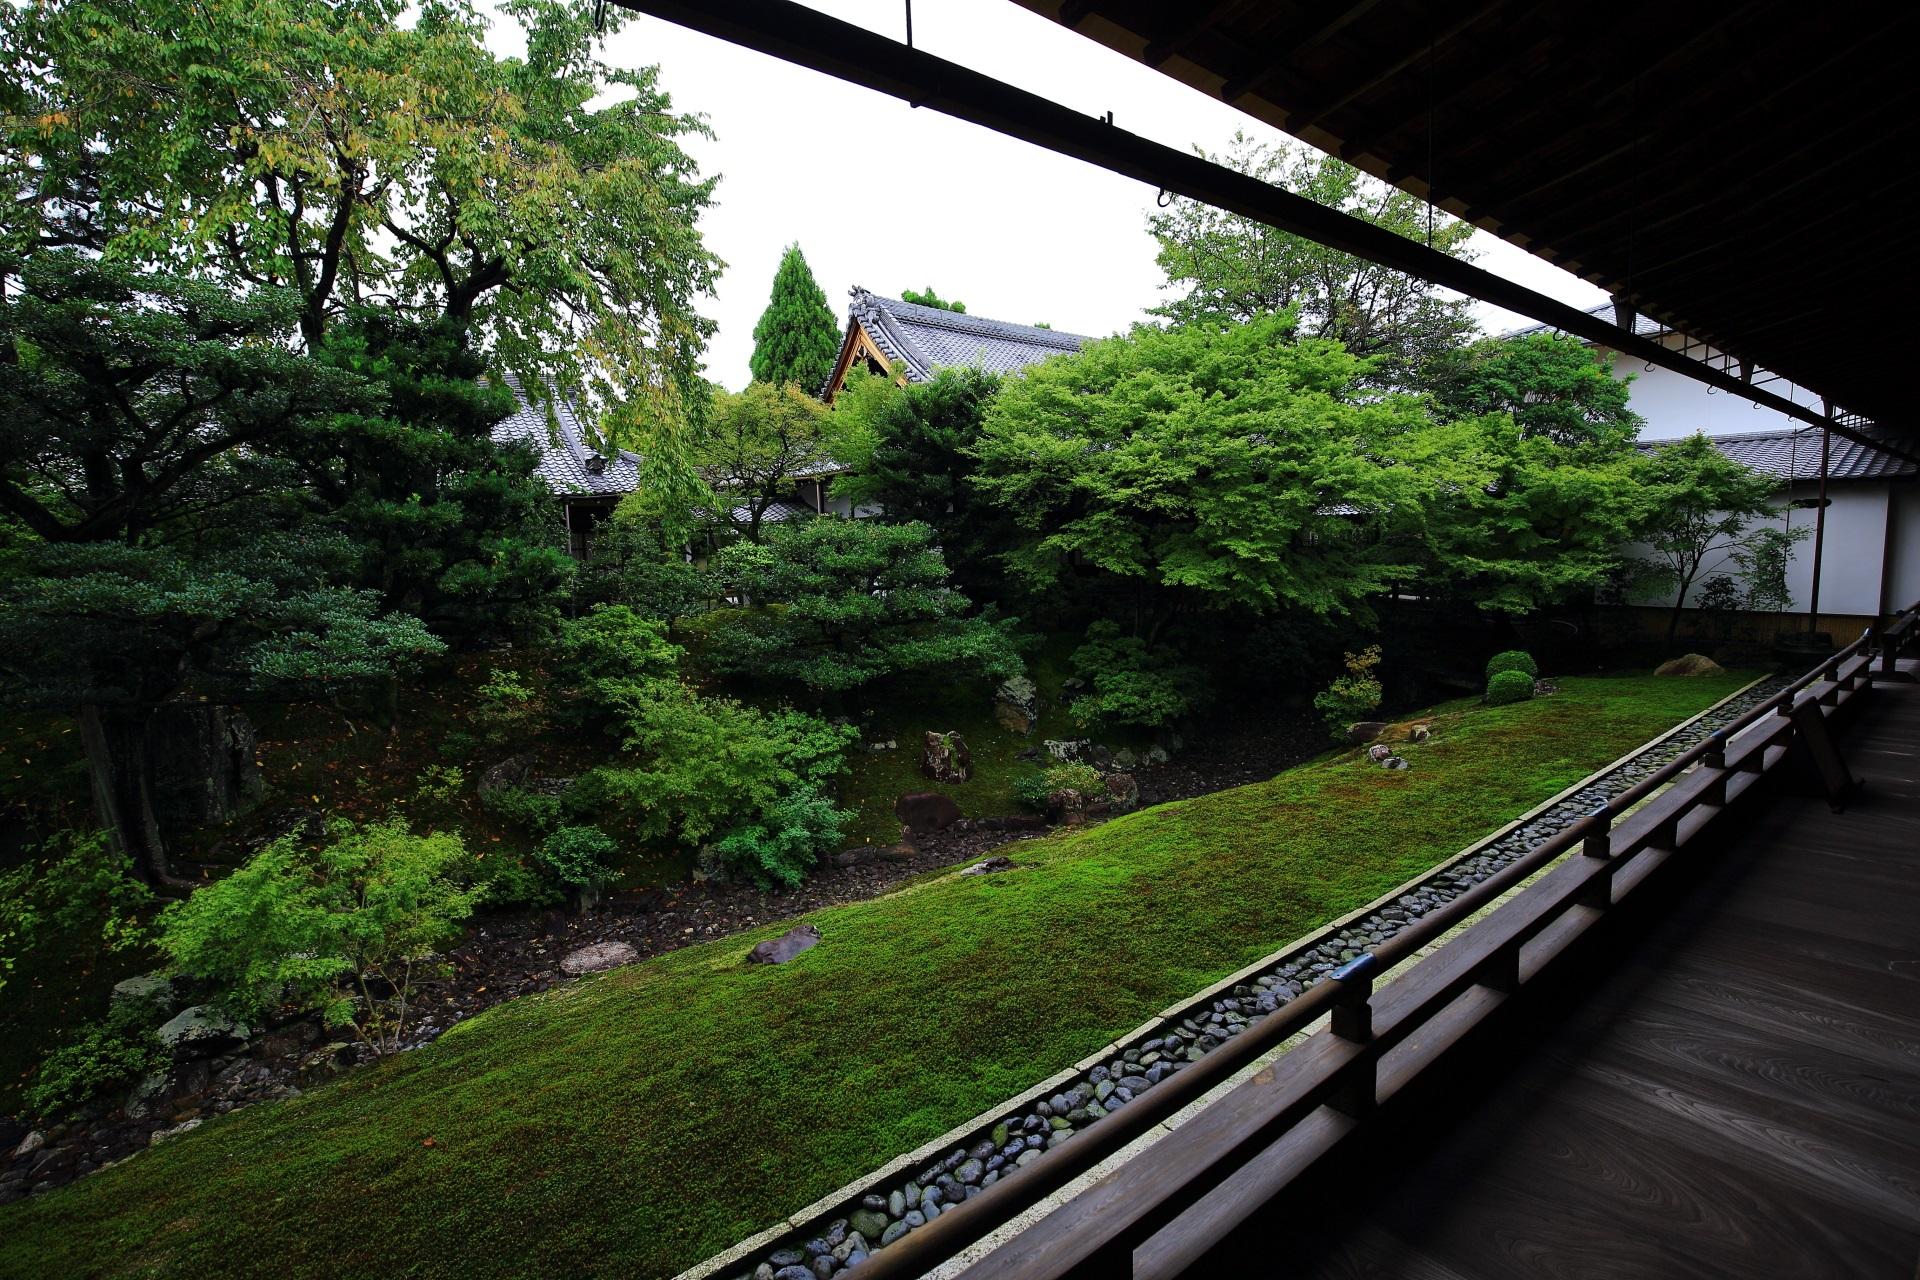 相国寺の裏方丈庭園(うらほうじょうていえん)